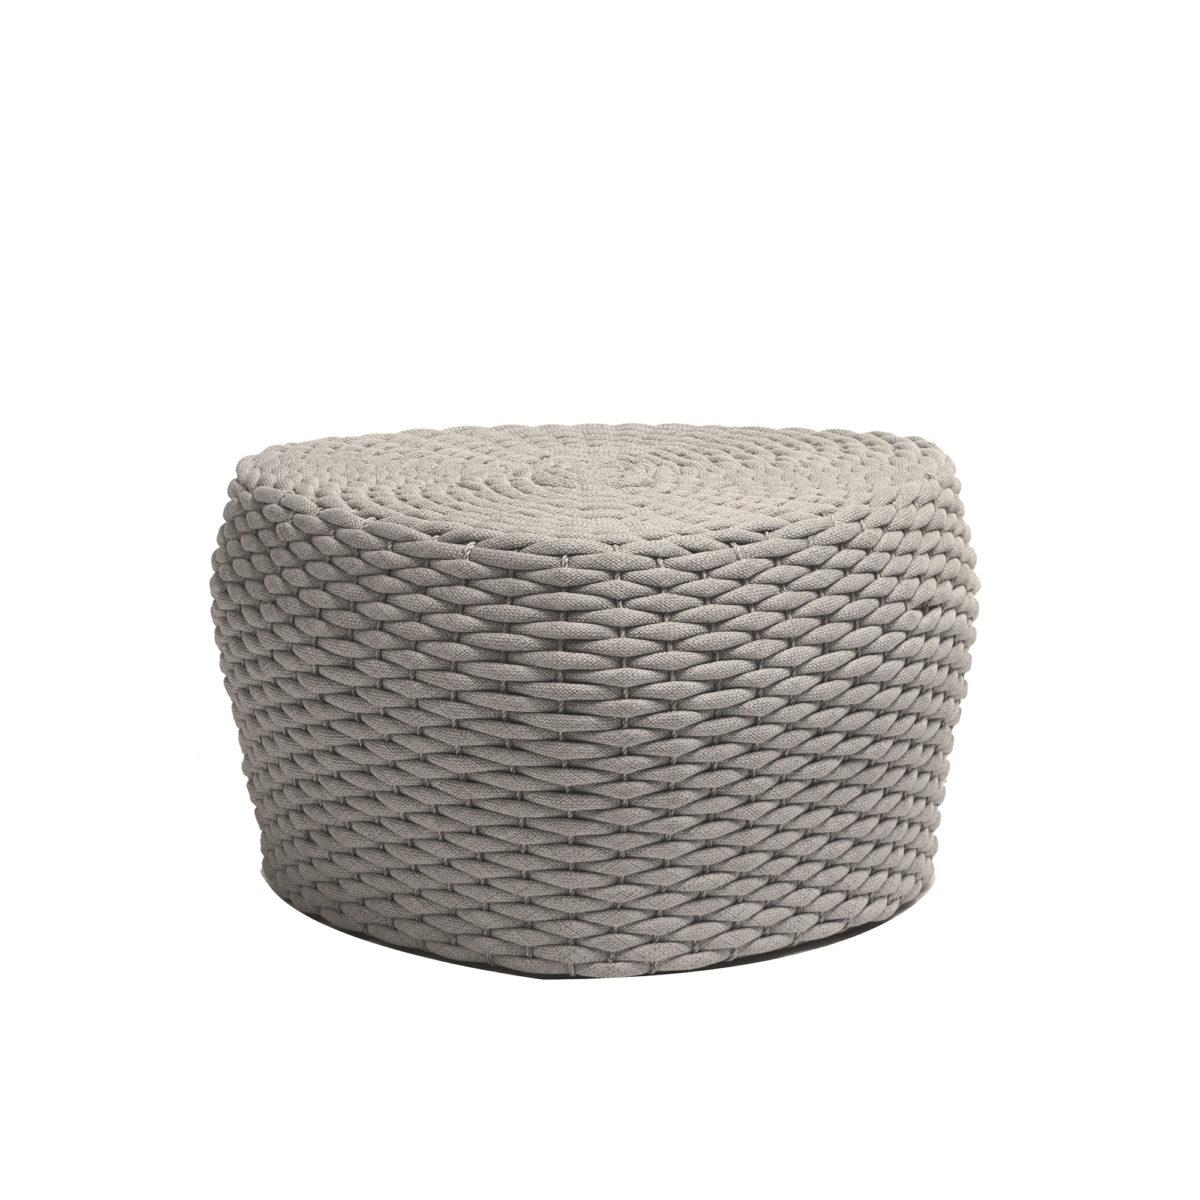 The short Roca stool in Beige